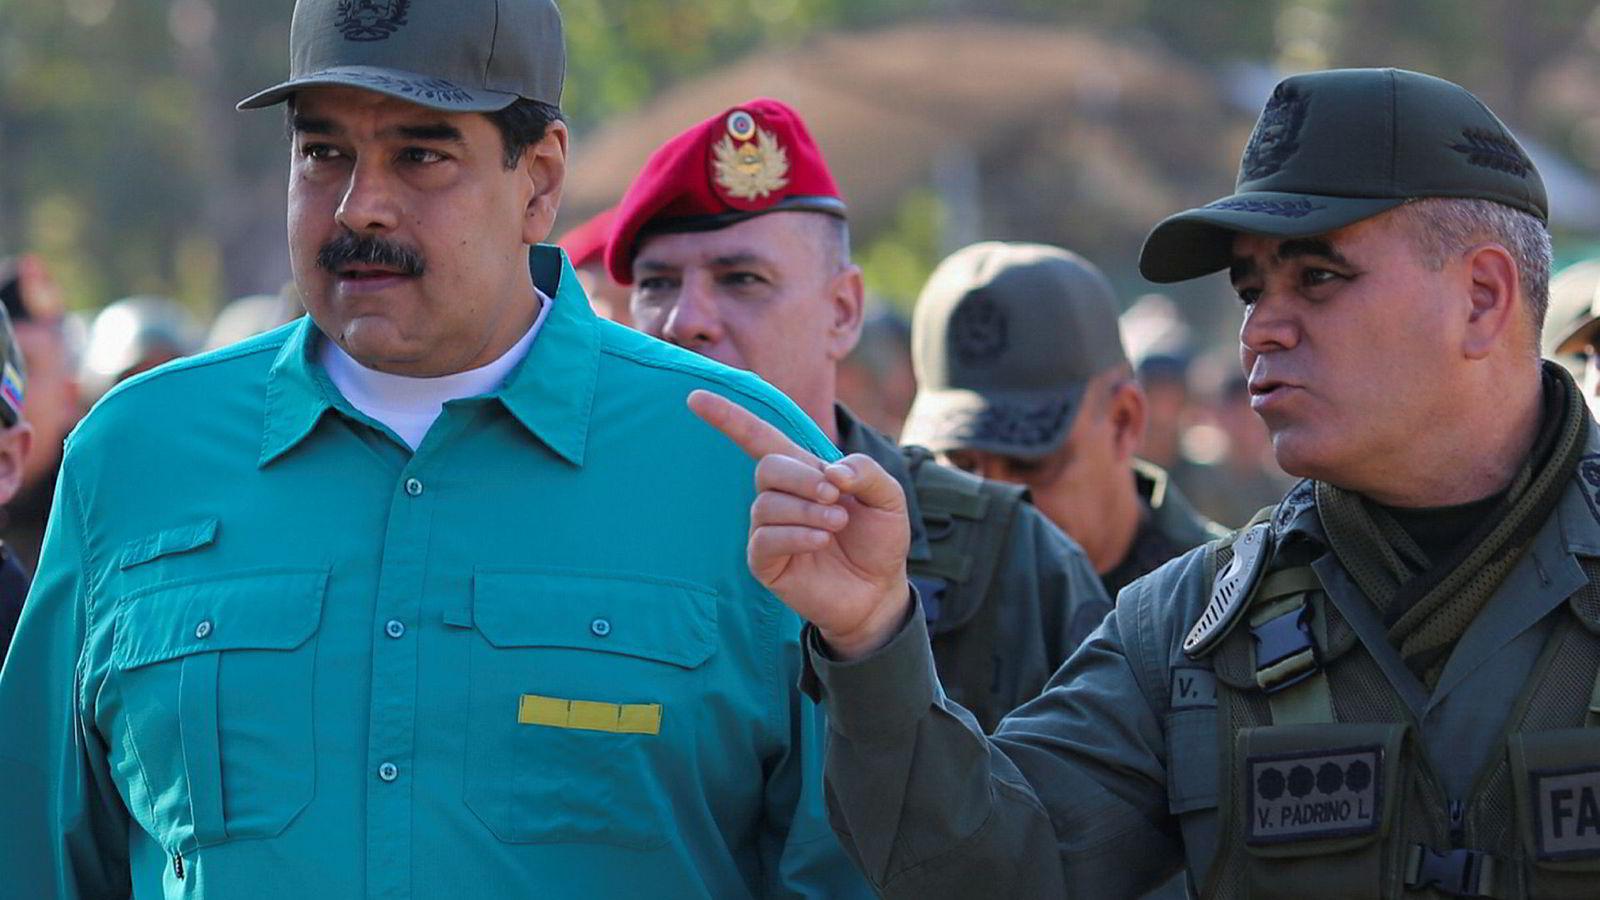 – Jeg er klar til å starte samtaler med ett mål for øyet: fred, forståelse og gjensidig anerkjennelse, skal presidenten i Venezuela, Nicolas Maduro (til venstre), ha sagt i et møte med venezulanske diplomater.